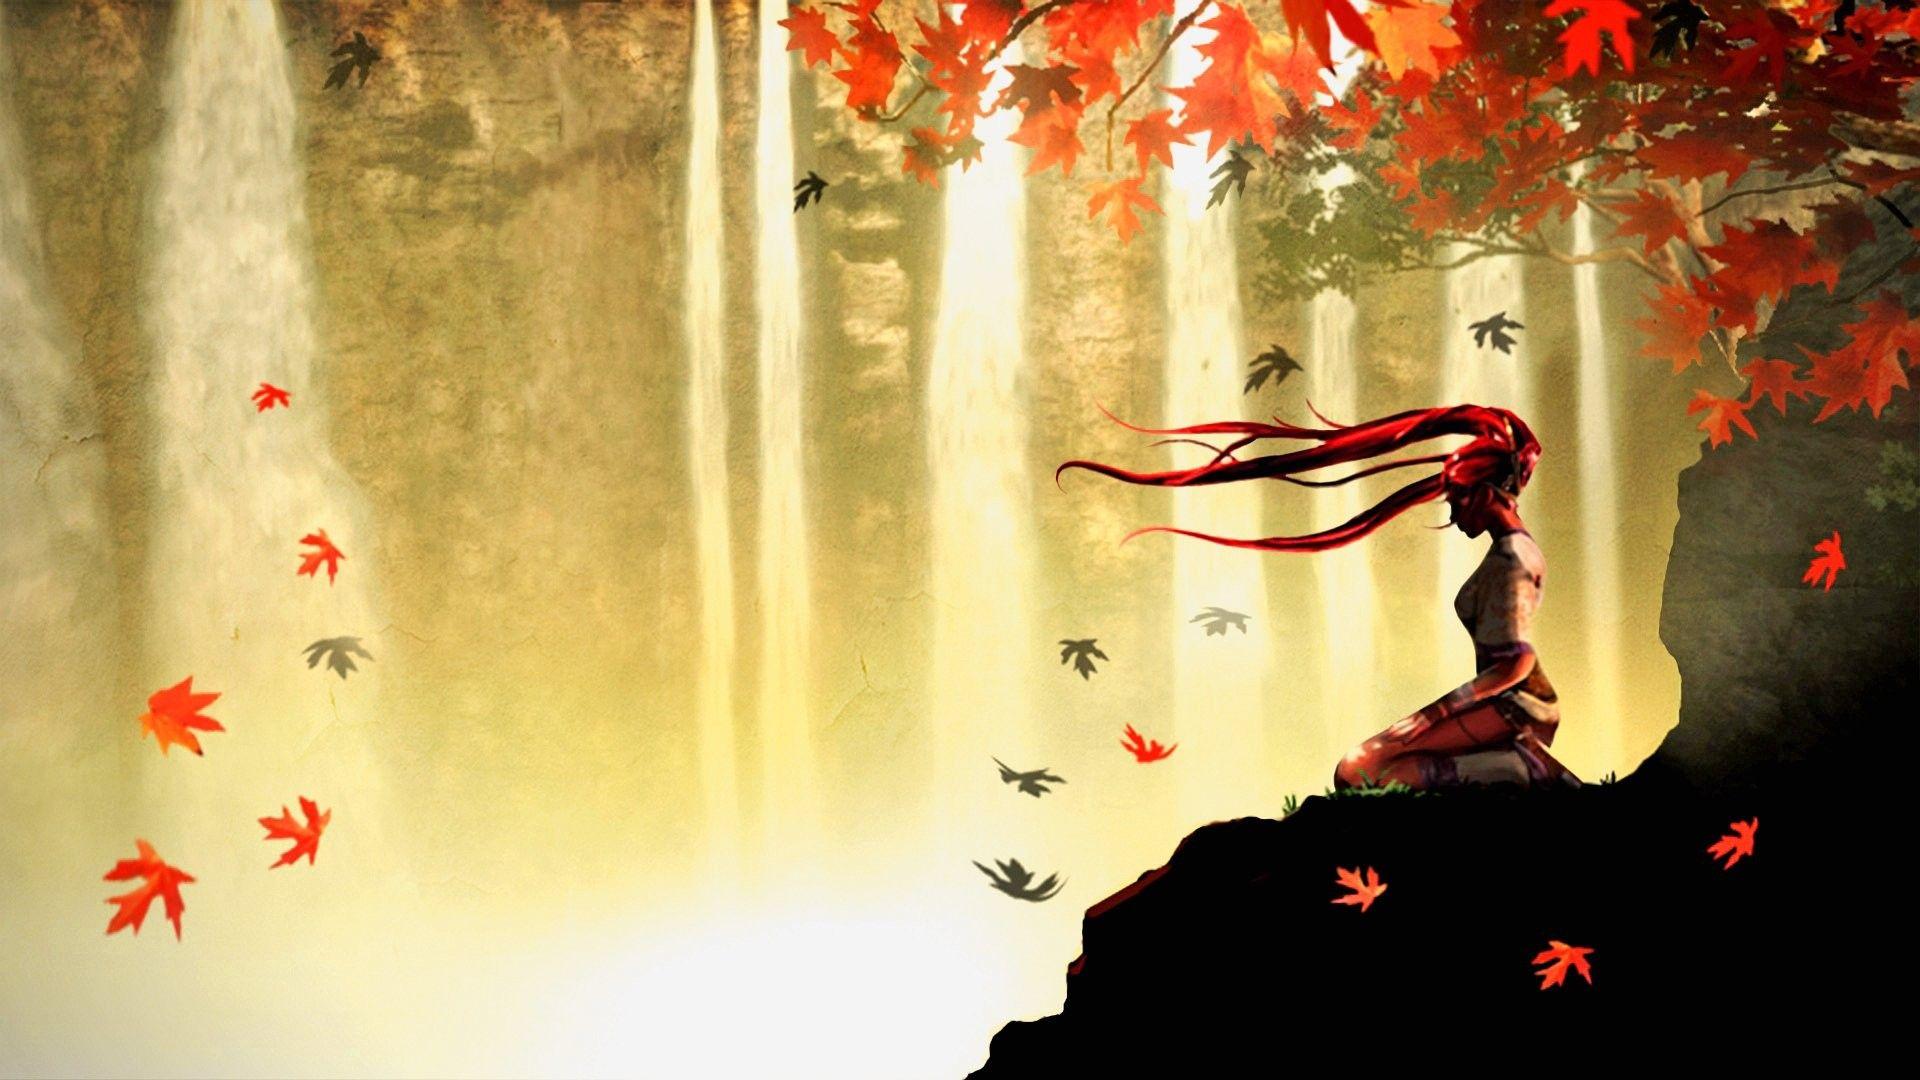 Meditation new wallpaper